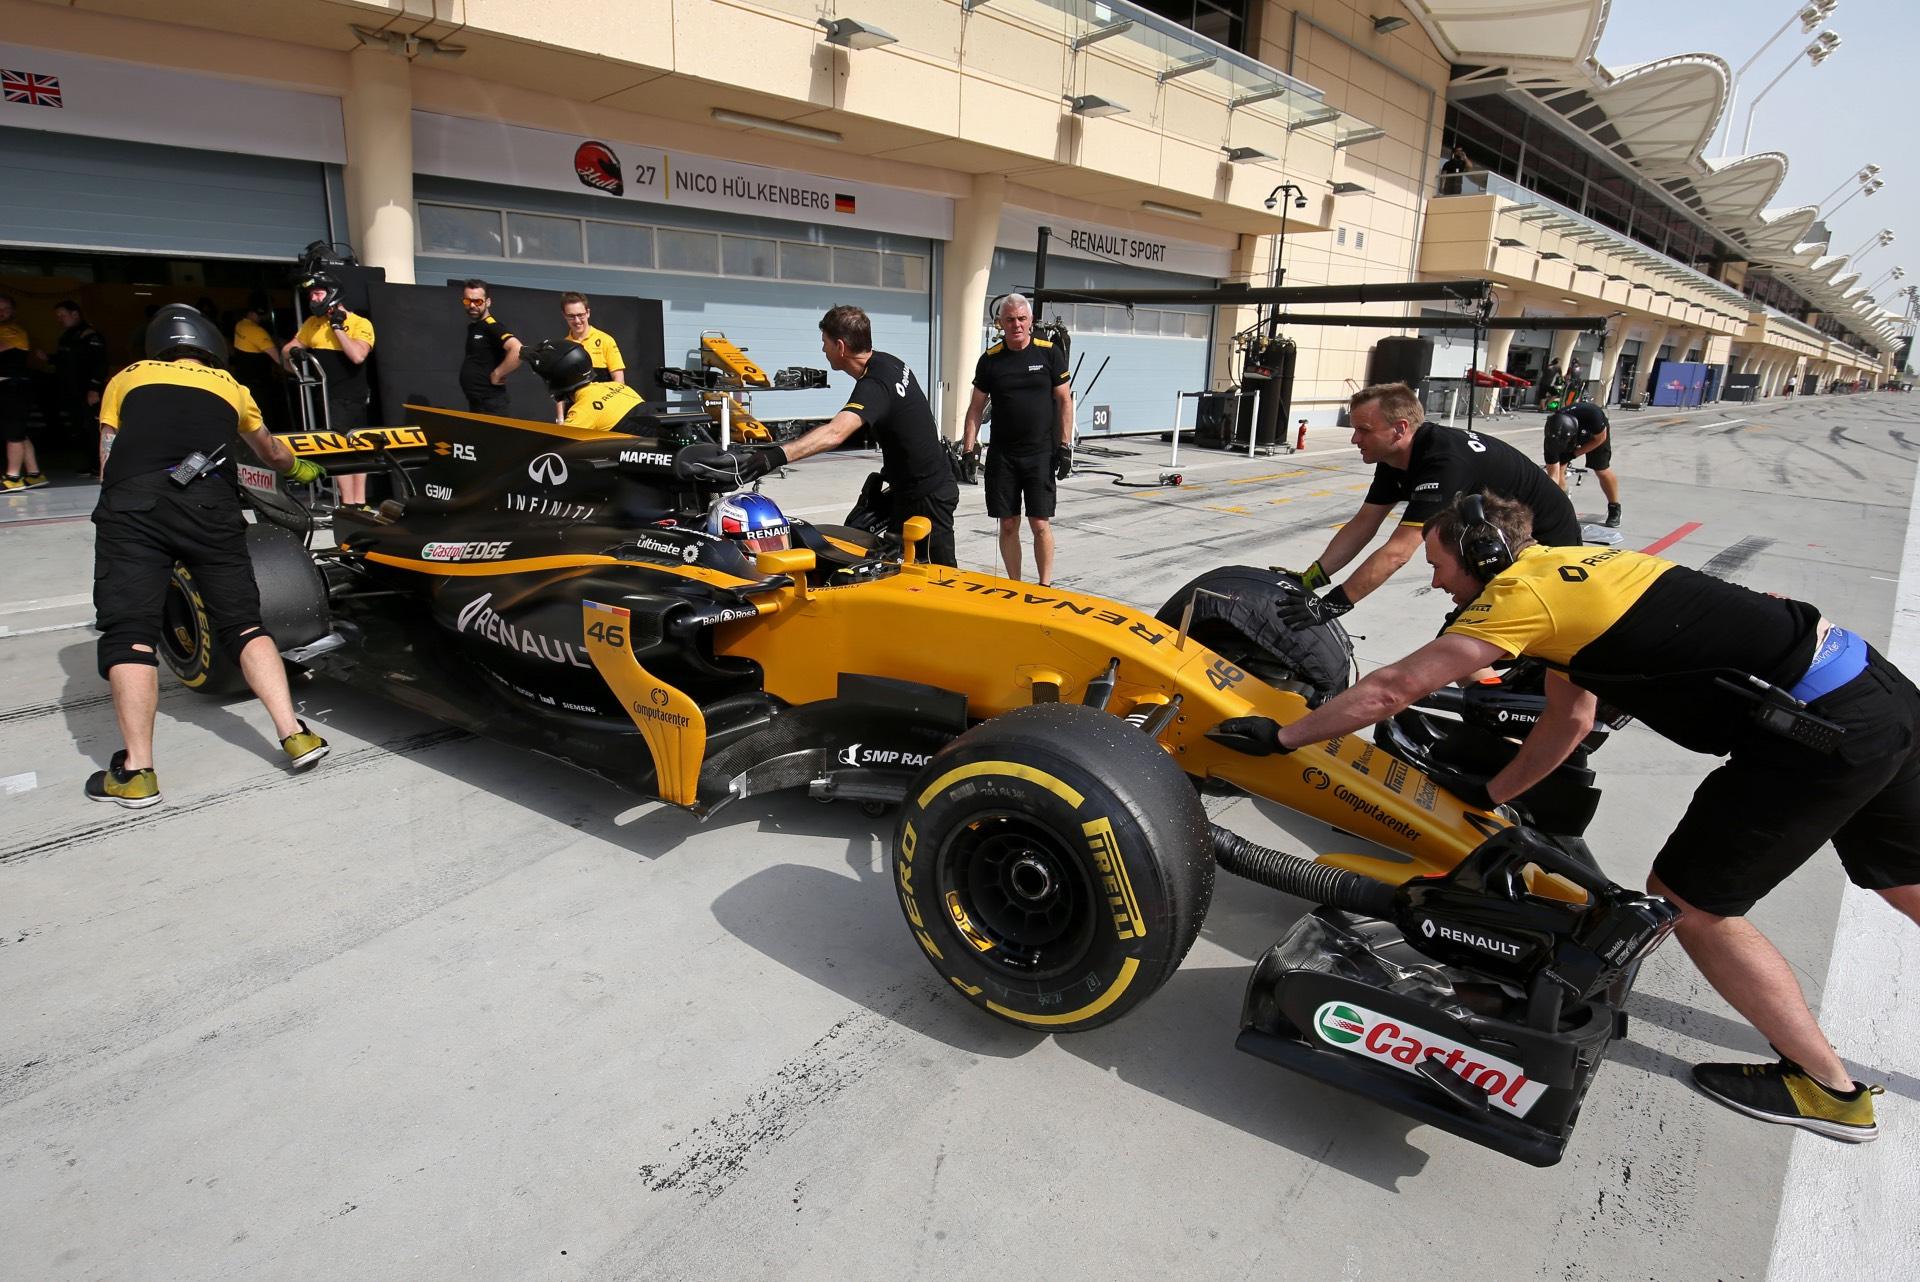 Motor Racing - Formula One Testing - Sakhir, Bahrain